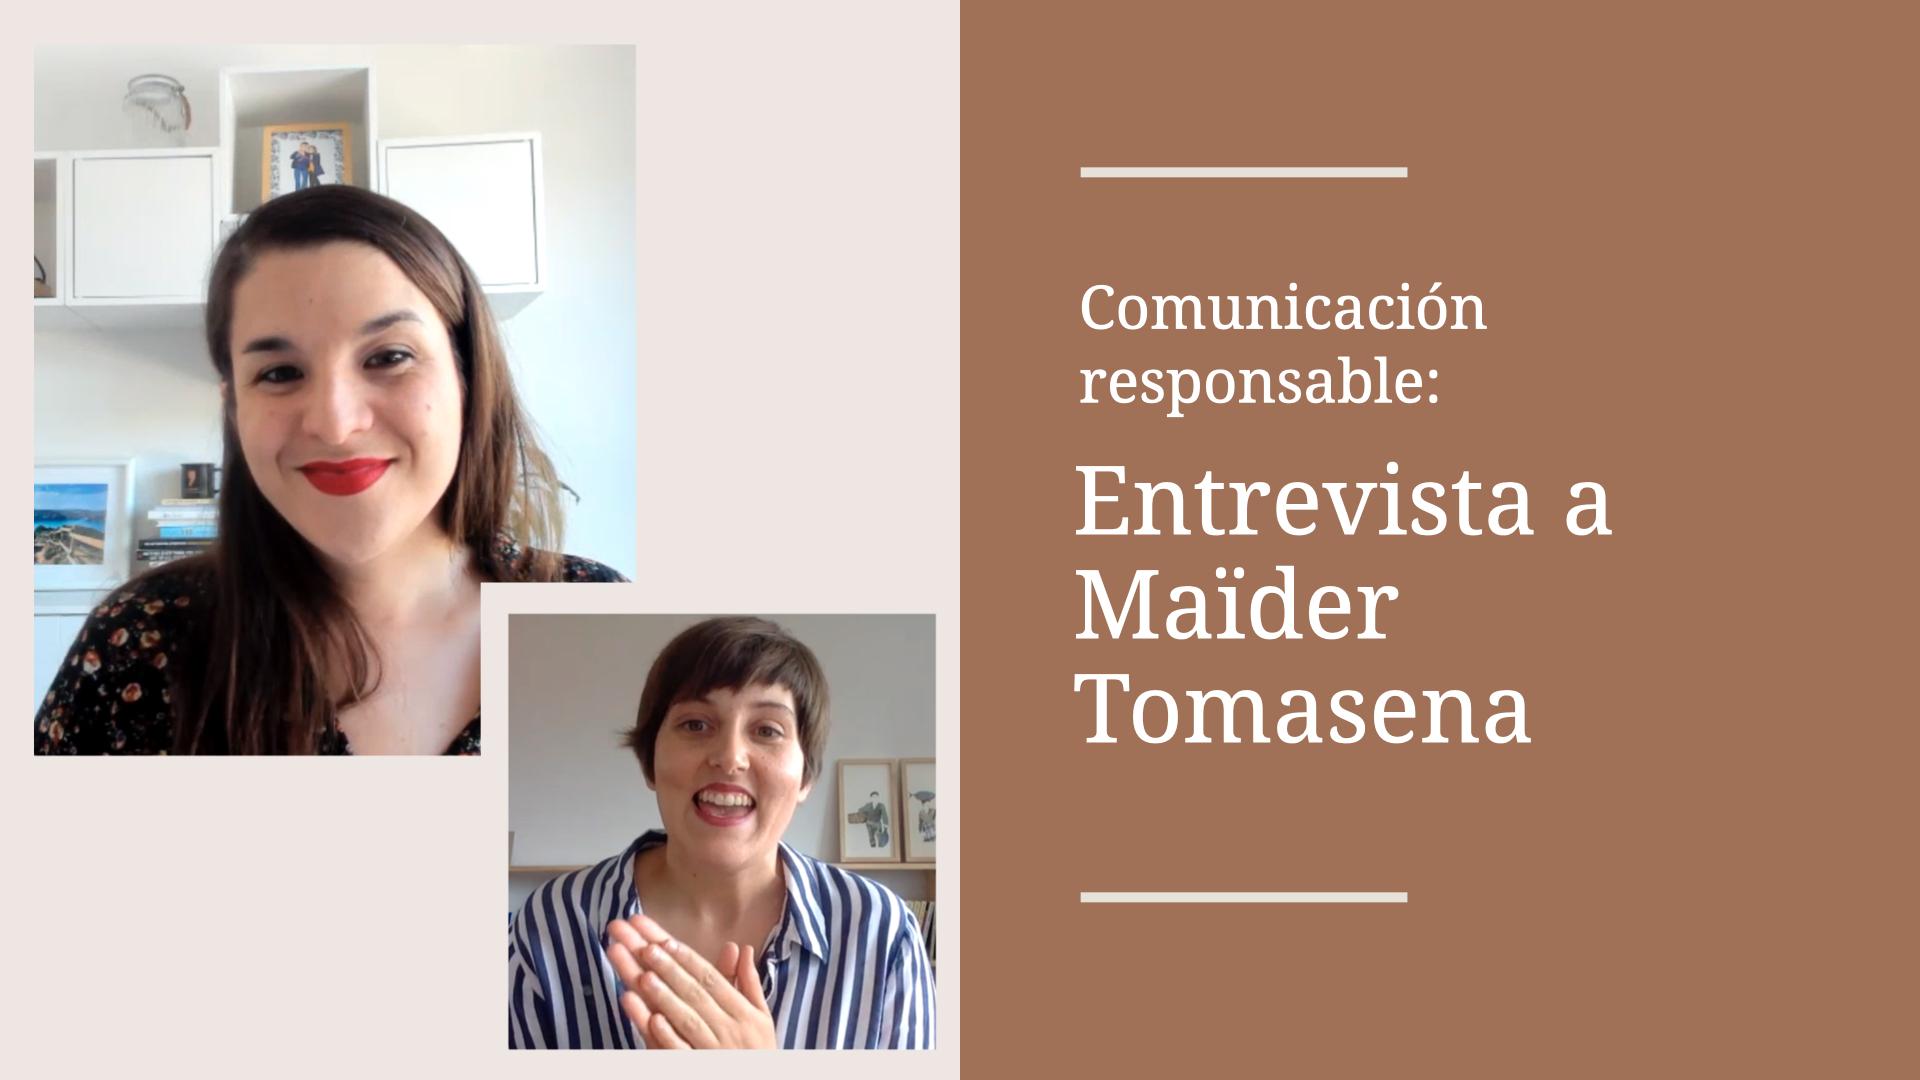 Comunicación responsable: entrevista a Maïder Tomasena